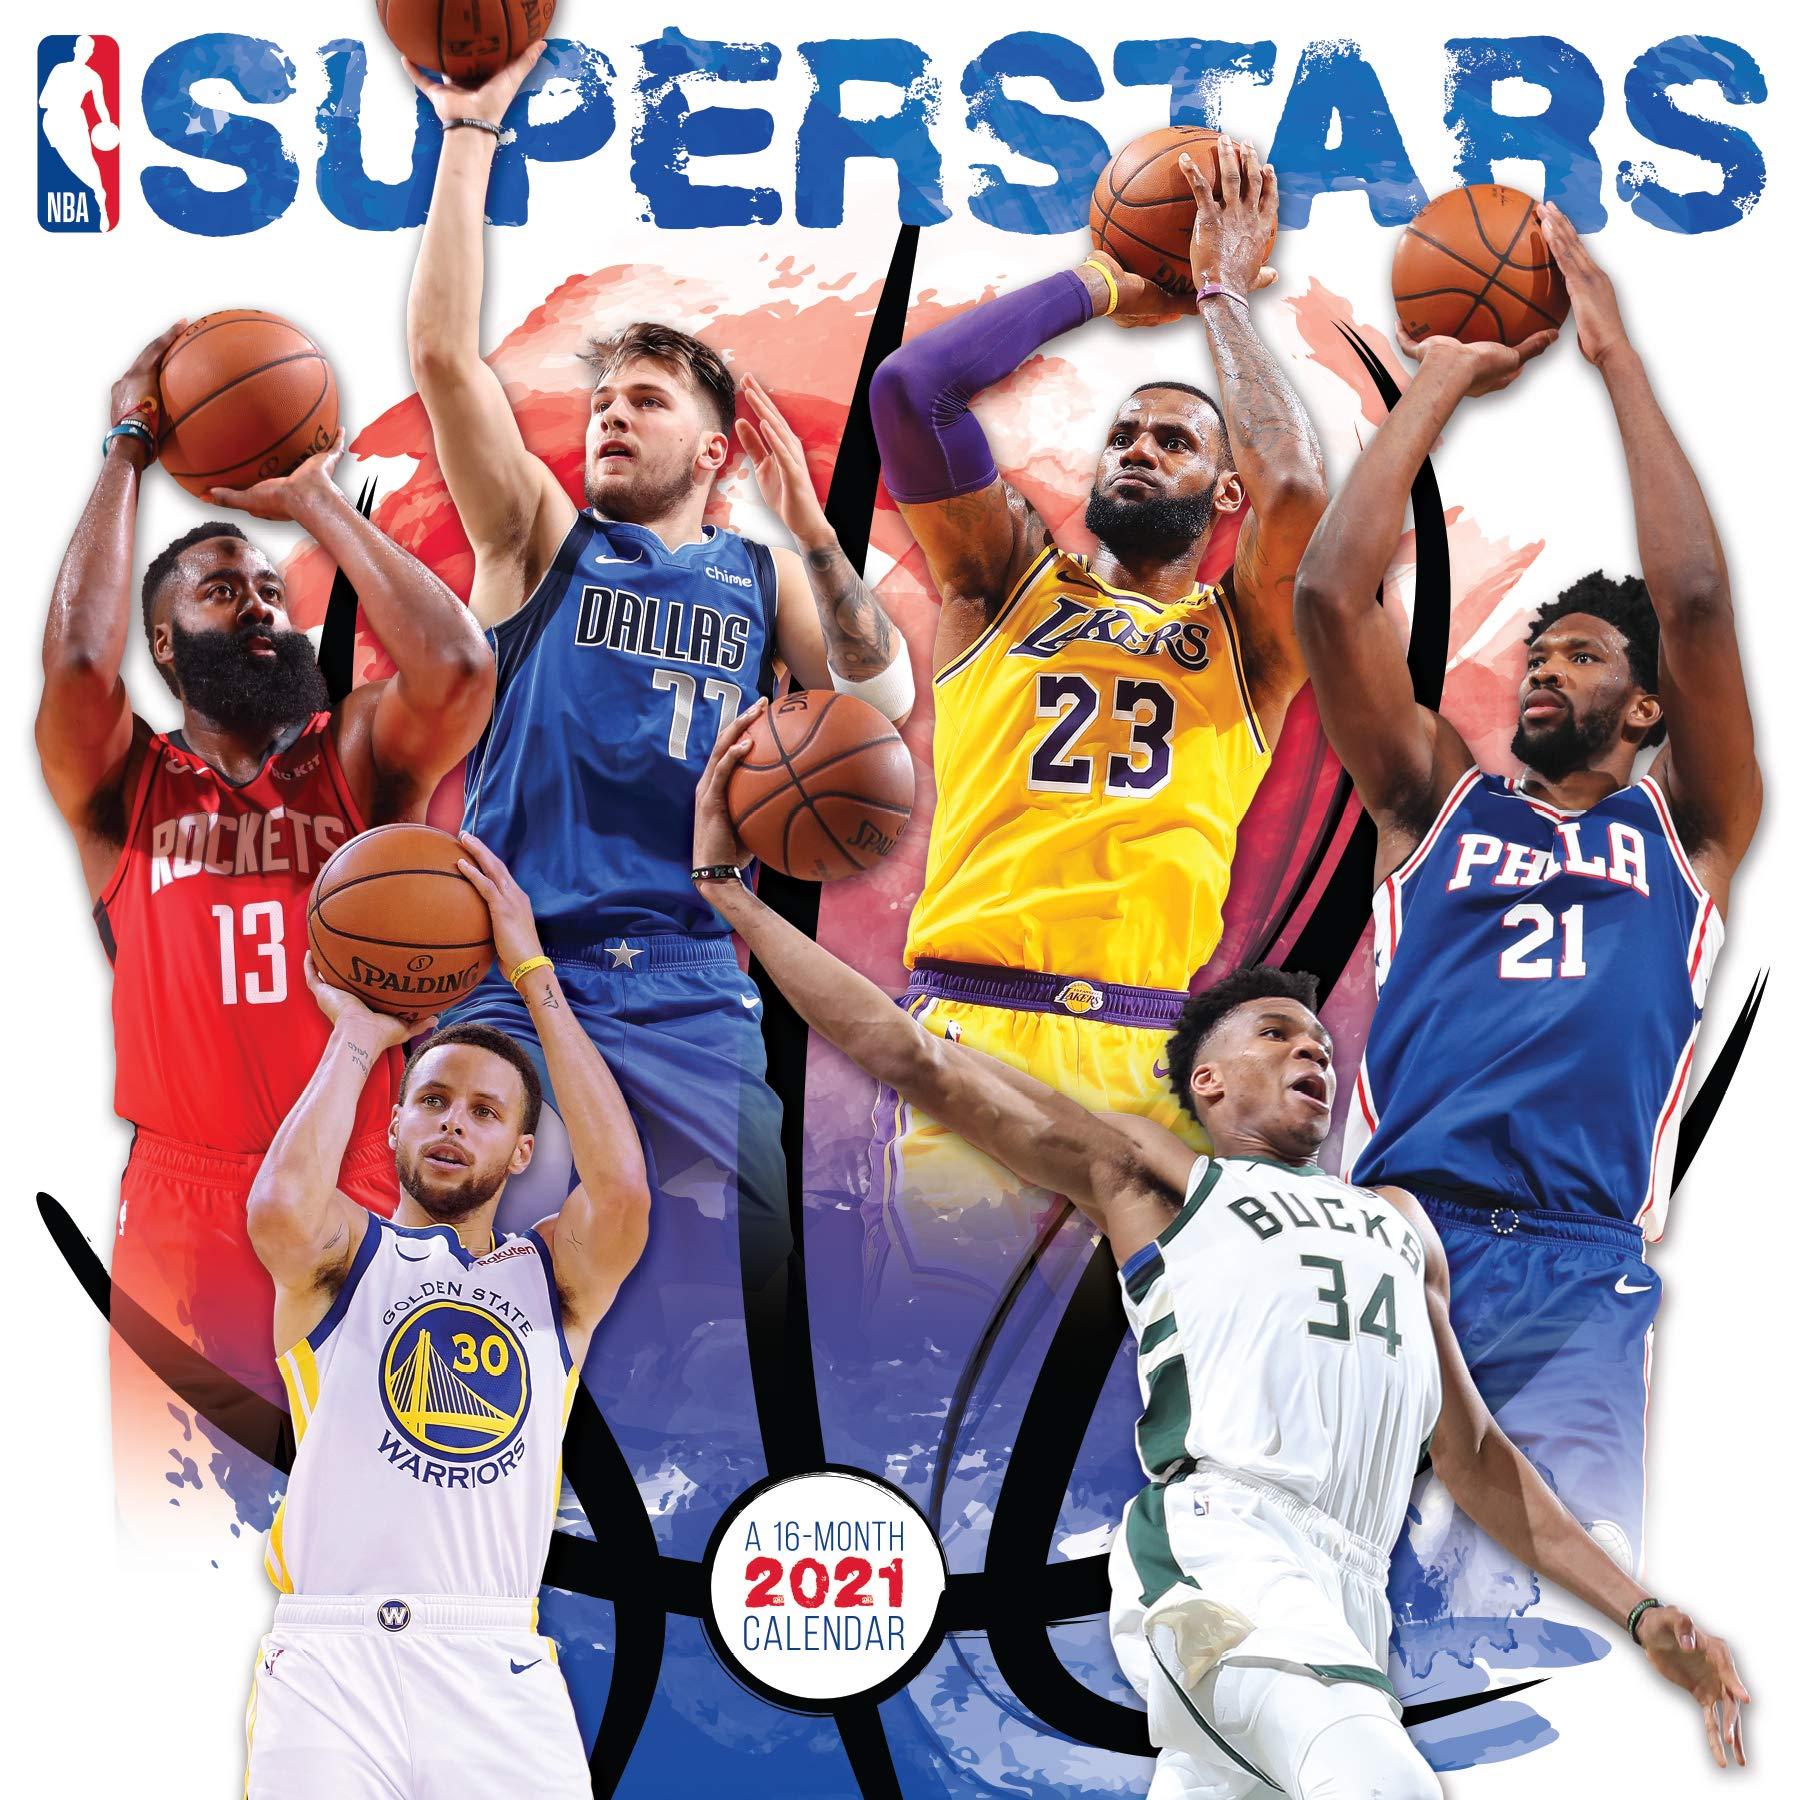 Nba Calendar 2021 2021 NBA Superstars Wall Calendar: Trends International